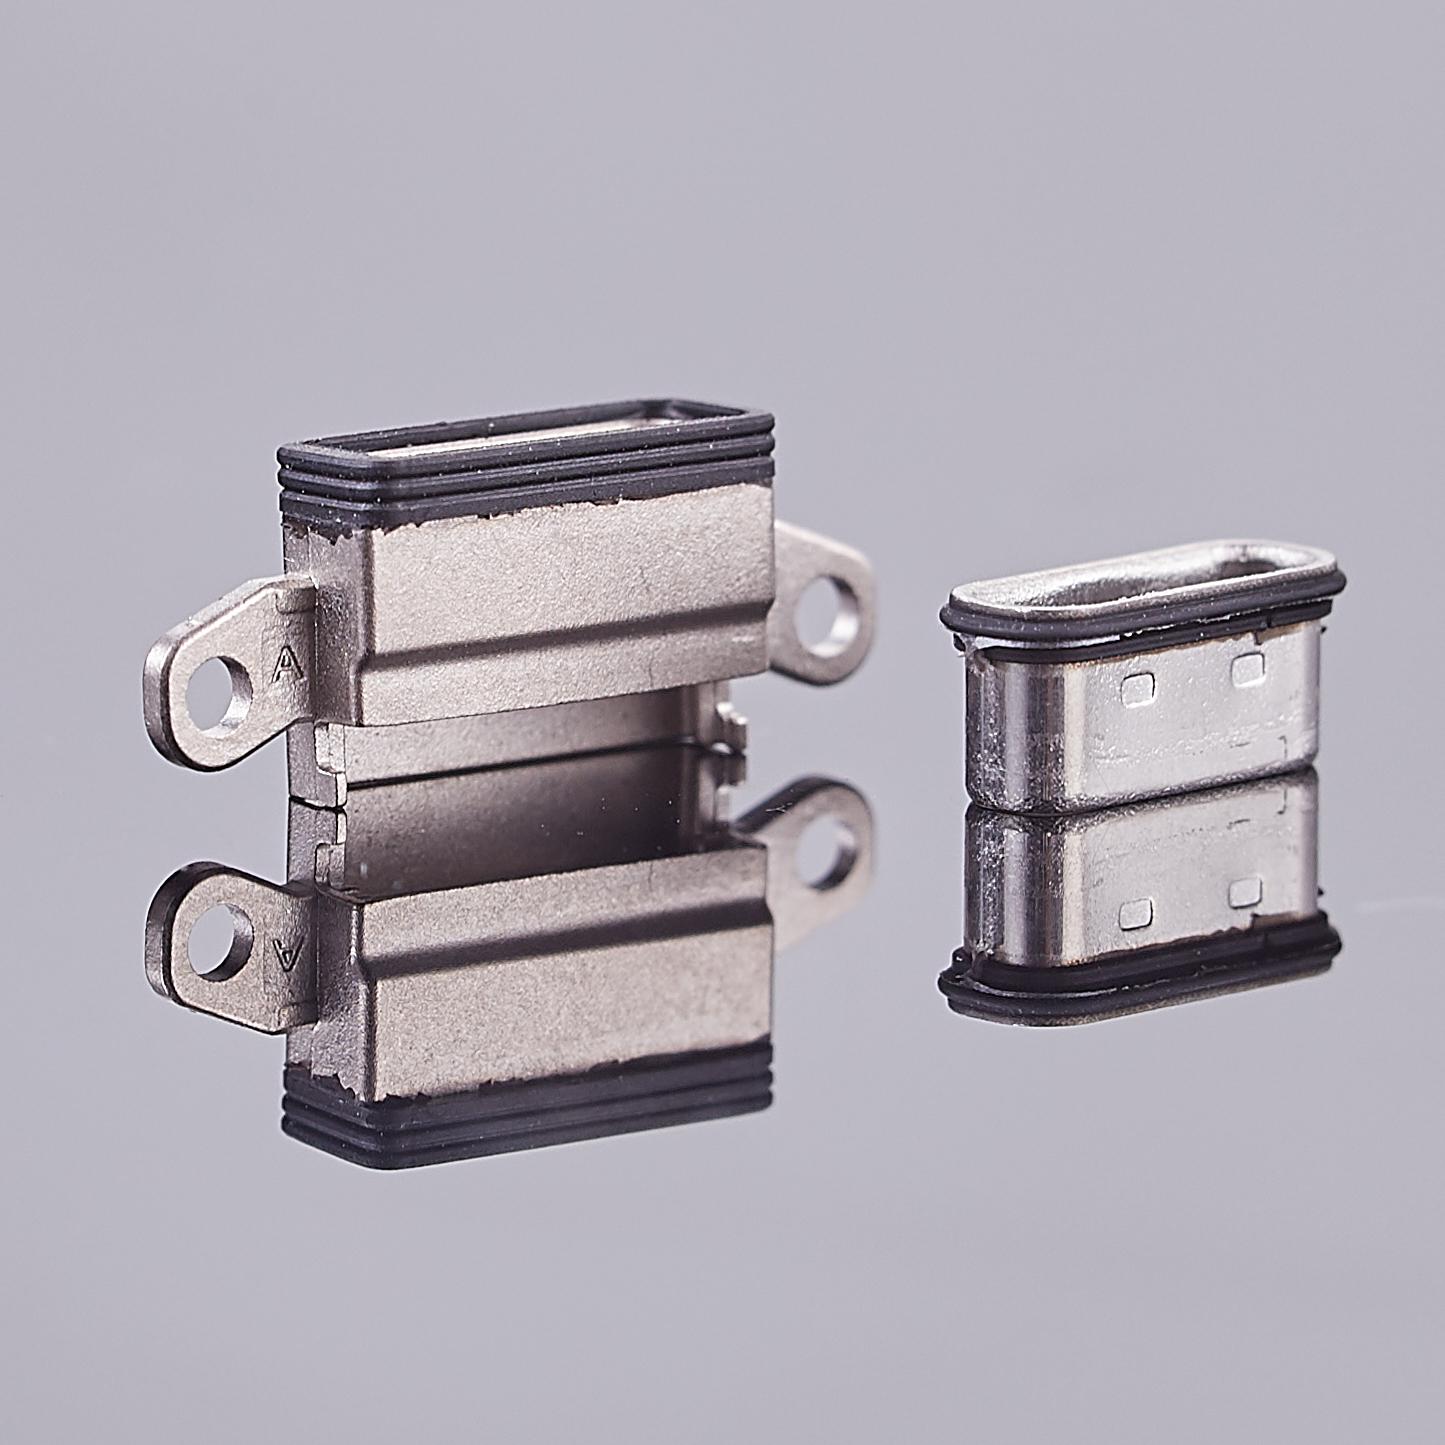 电子防水结构设计,防水Type-C,硅胶二次成型